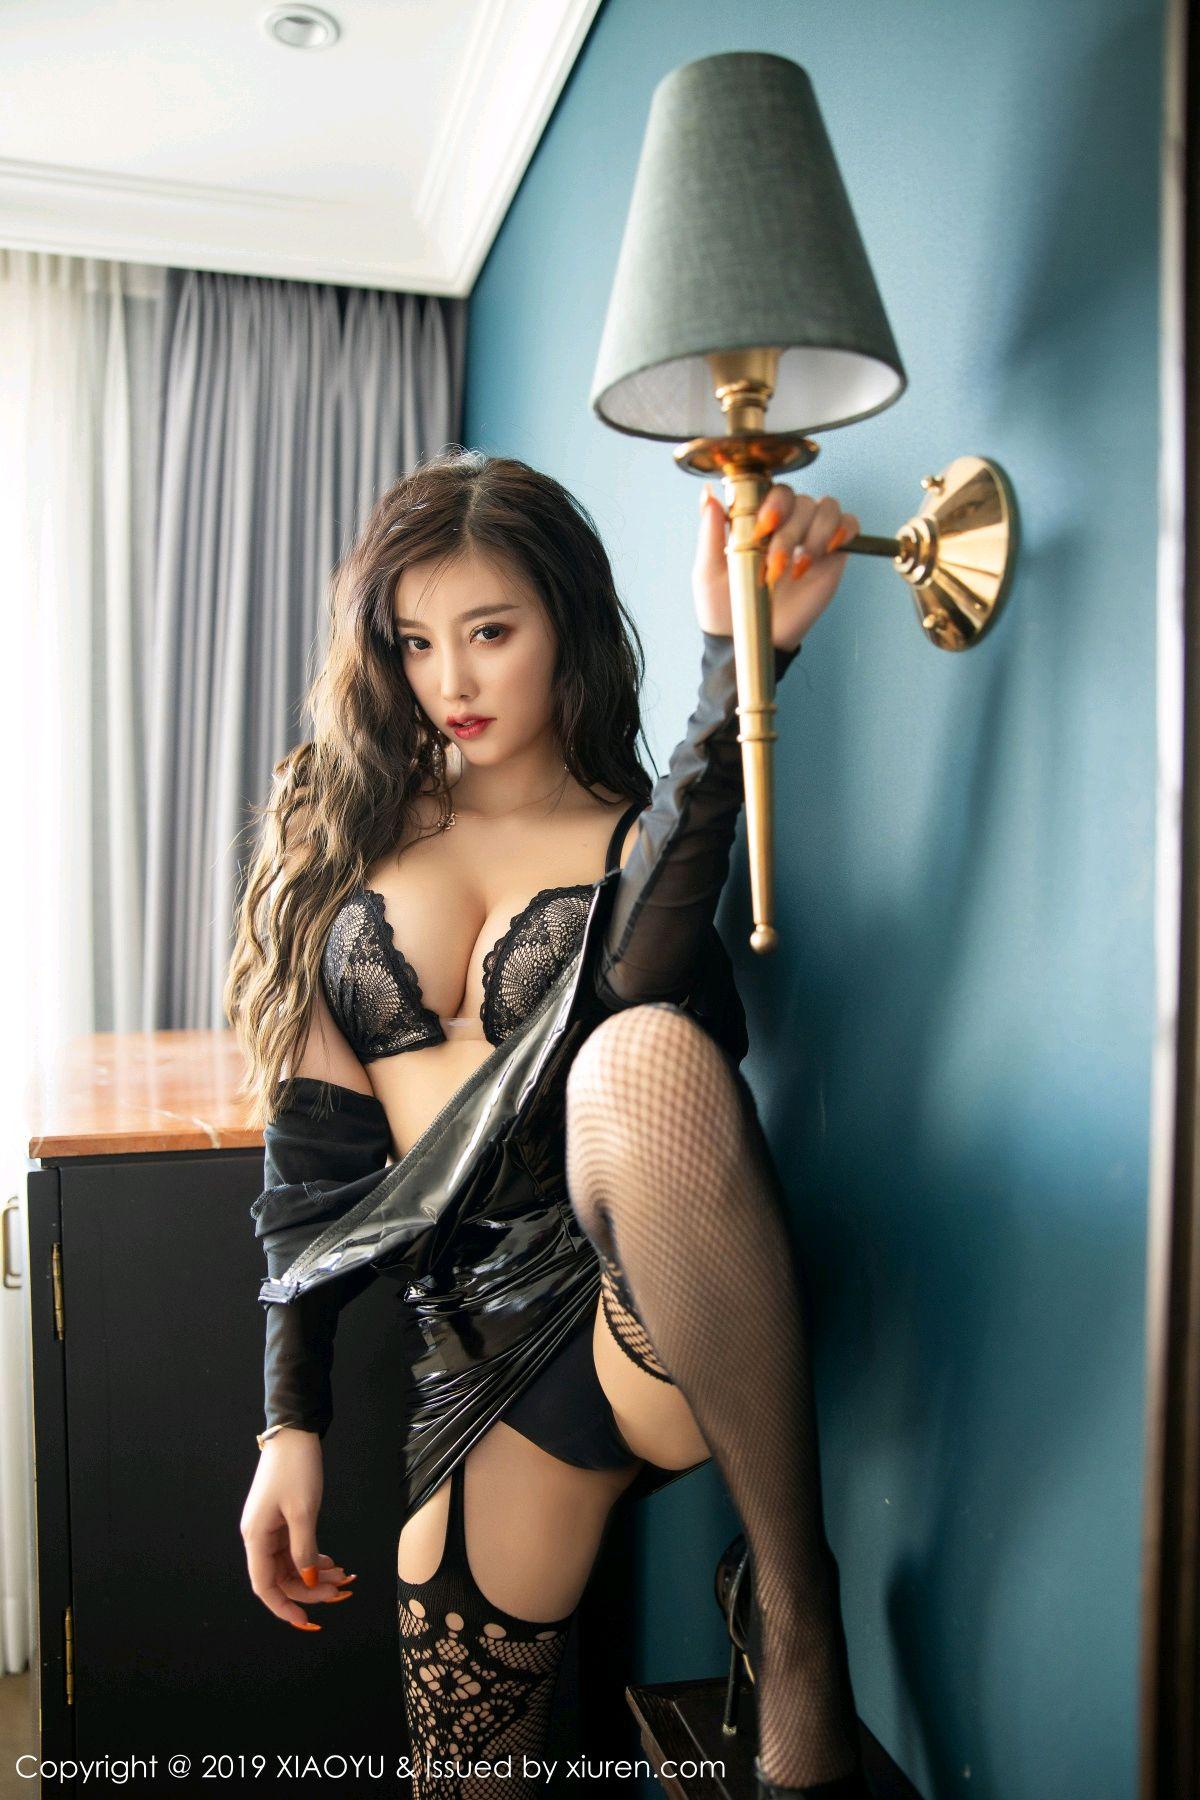 [XiaoYu] Vol.199 Yang Chen Chen 53P, Black Silk, Underwear, XiaoYu, Yang Chen Chen